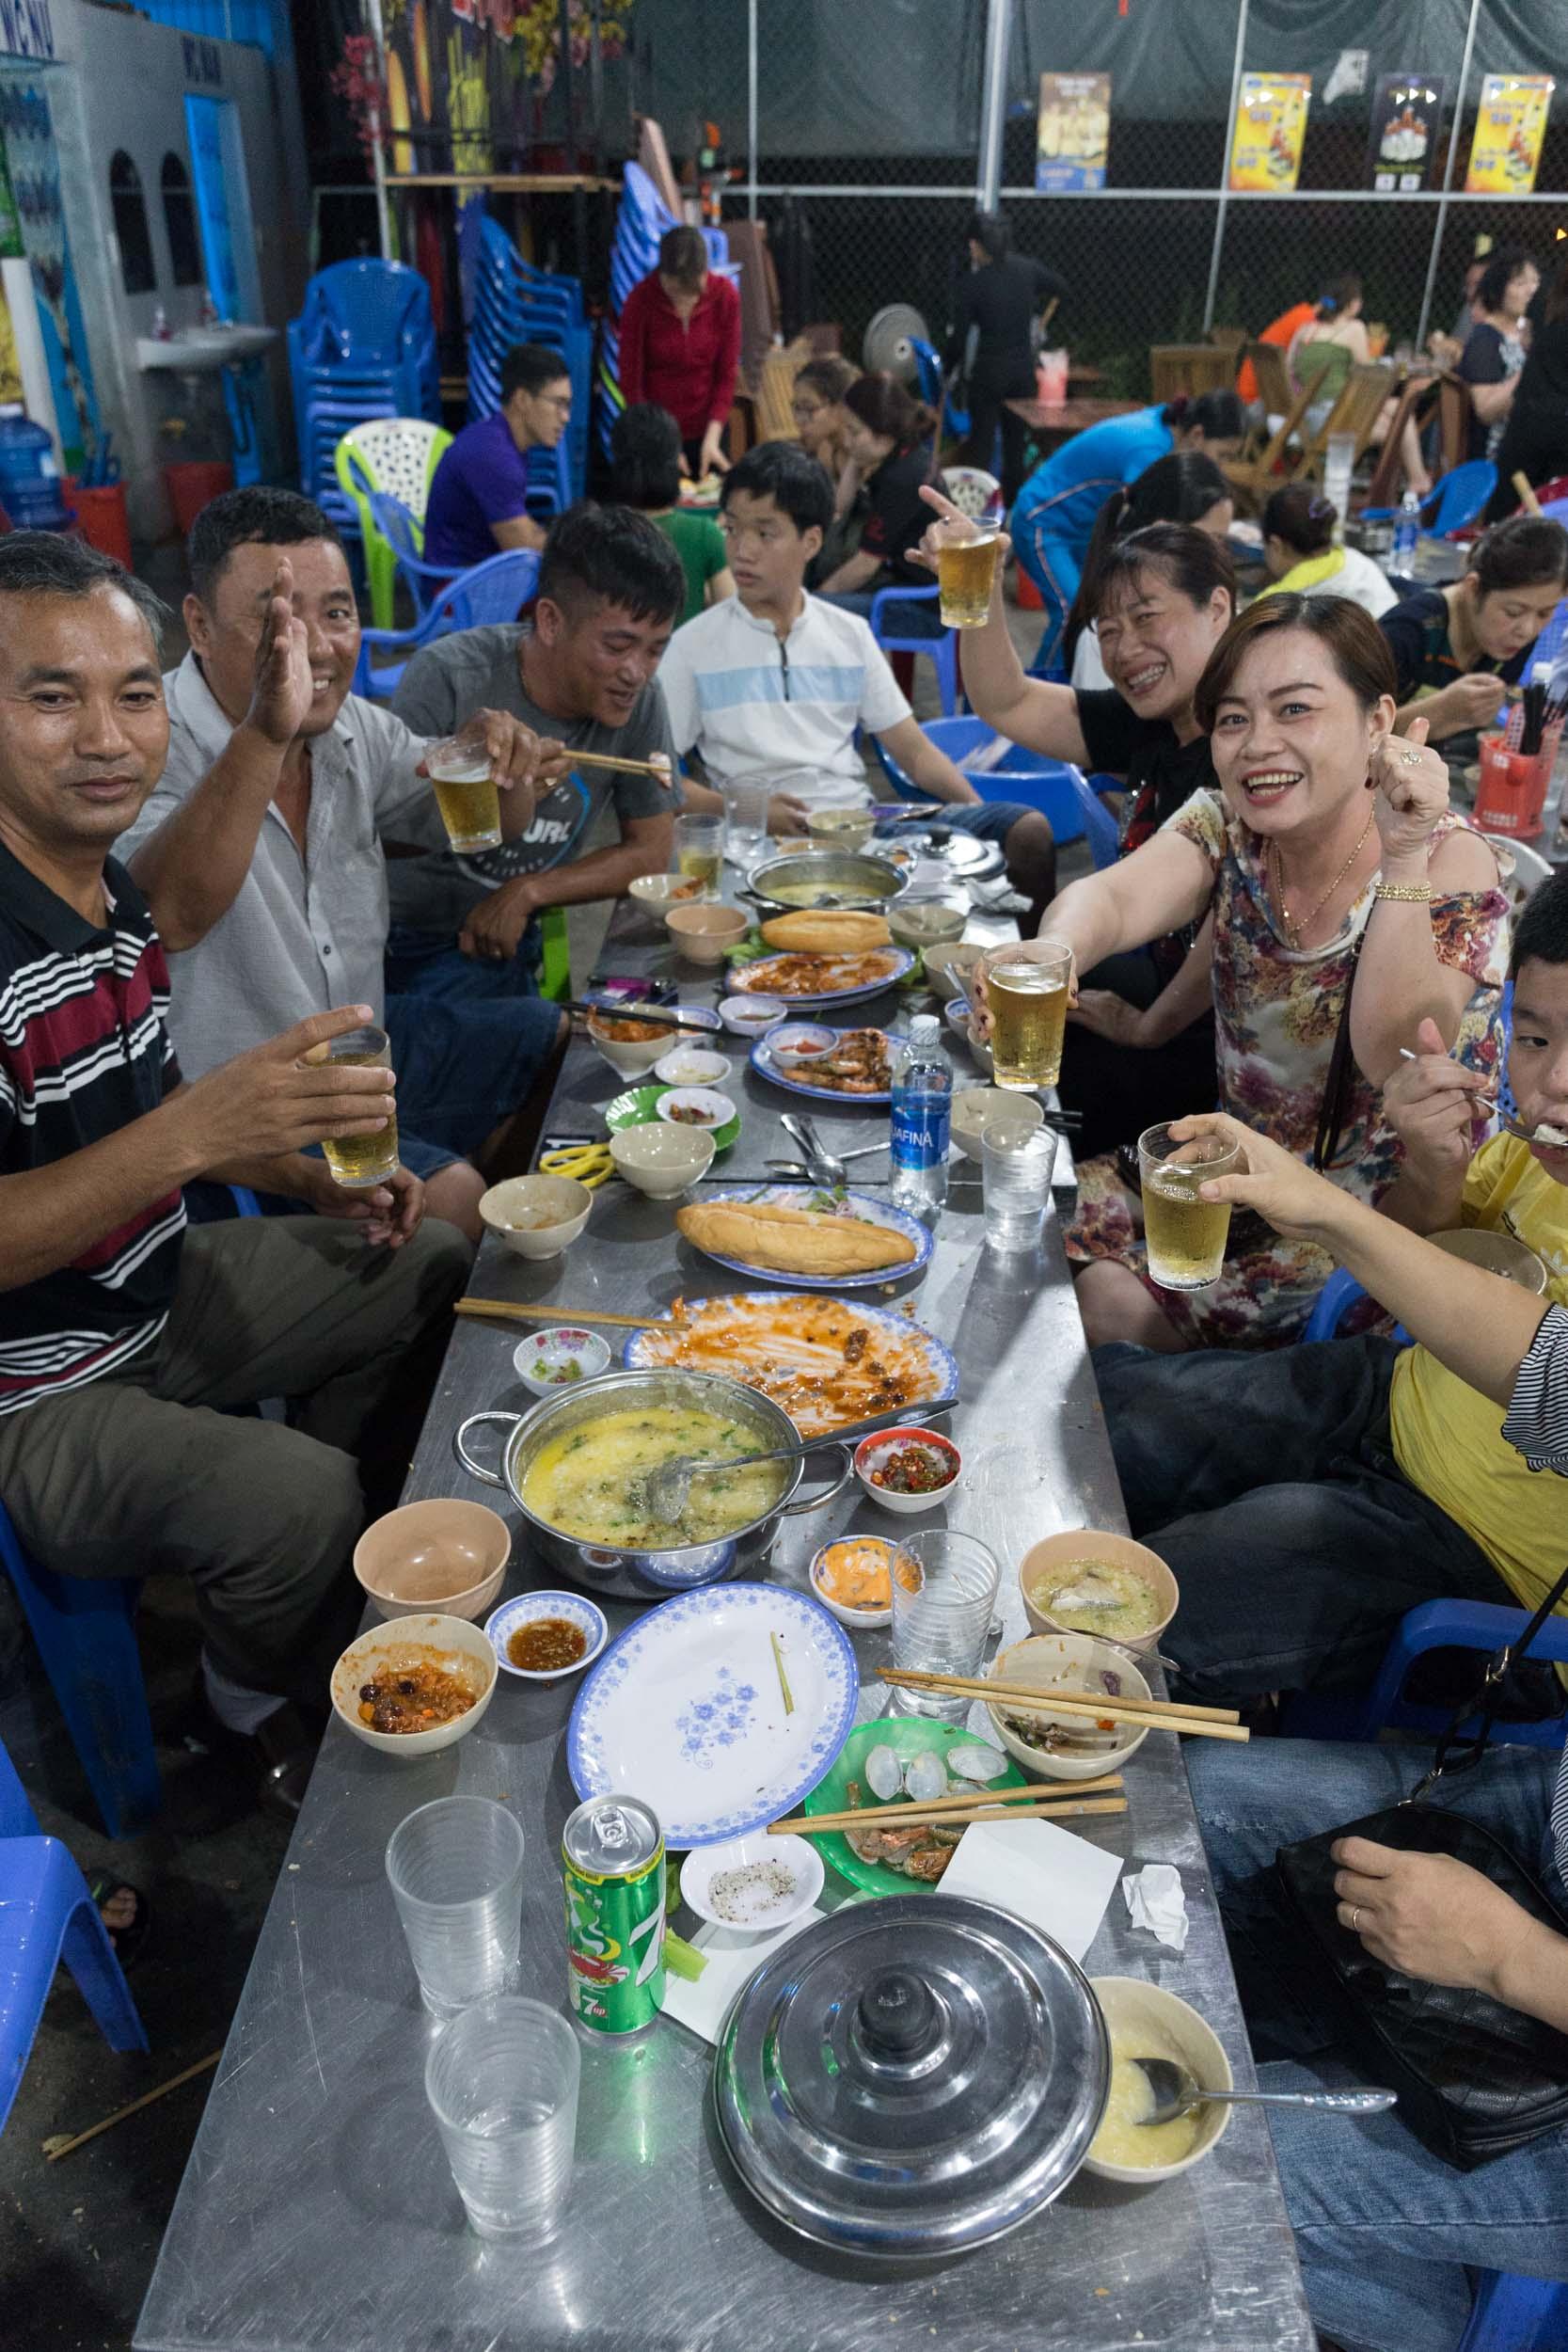 A Family dining at Hải sản Bà Rô, Seafood Restaurant Da Nang, Vietnam.